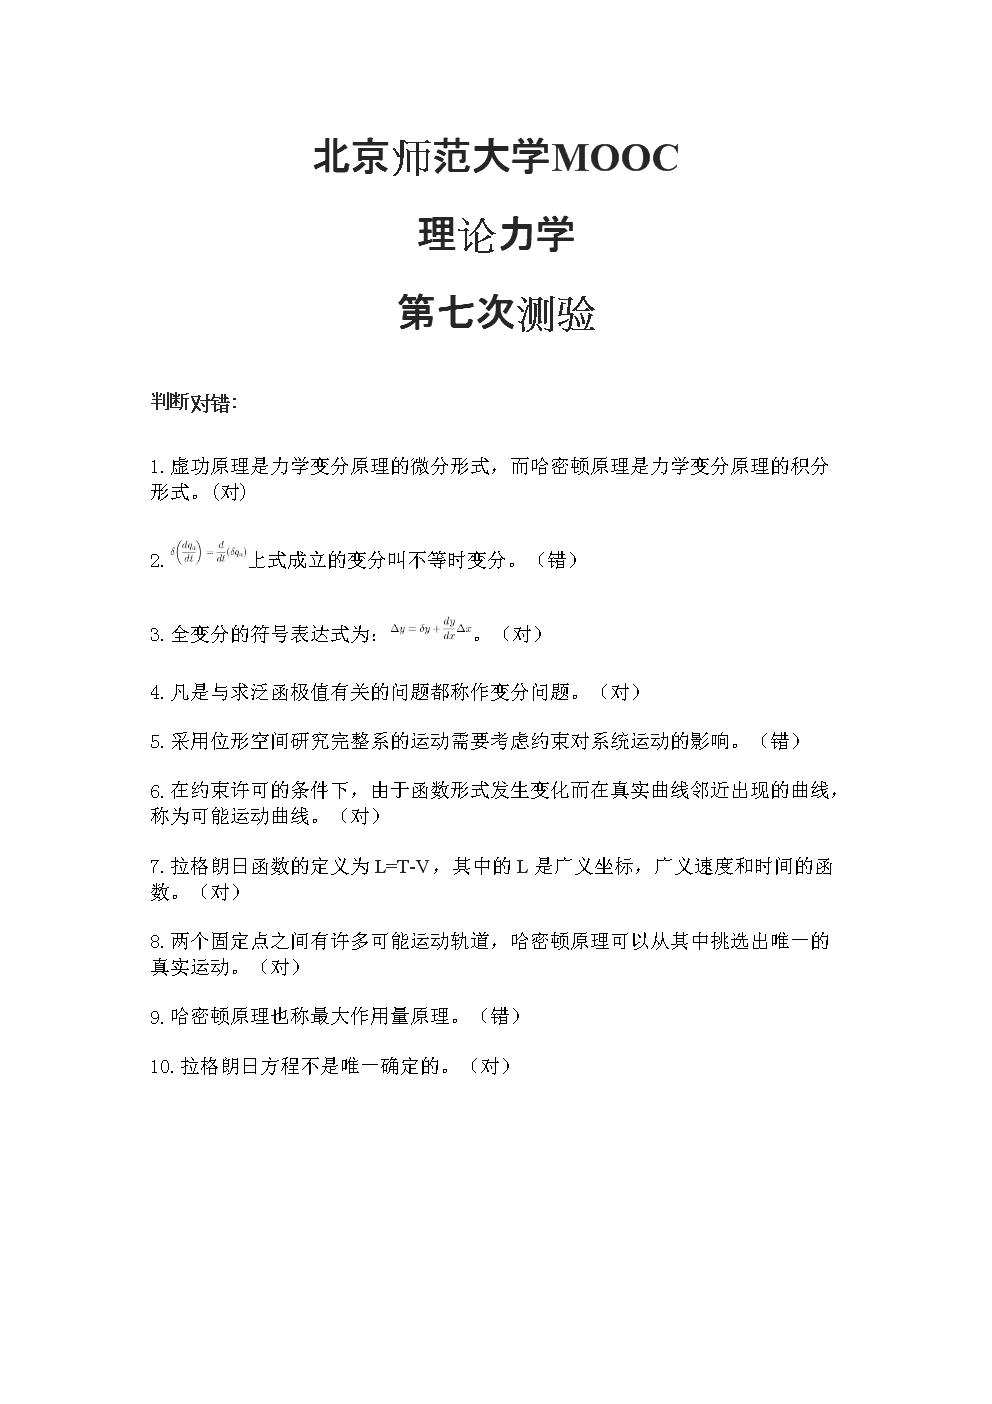 【北師大MOOC】(含答案)理論力學第七次測驗.docx